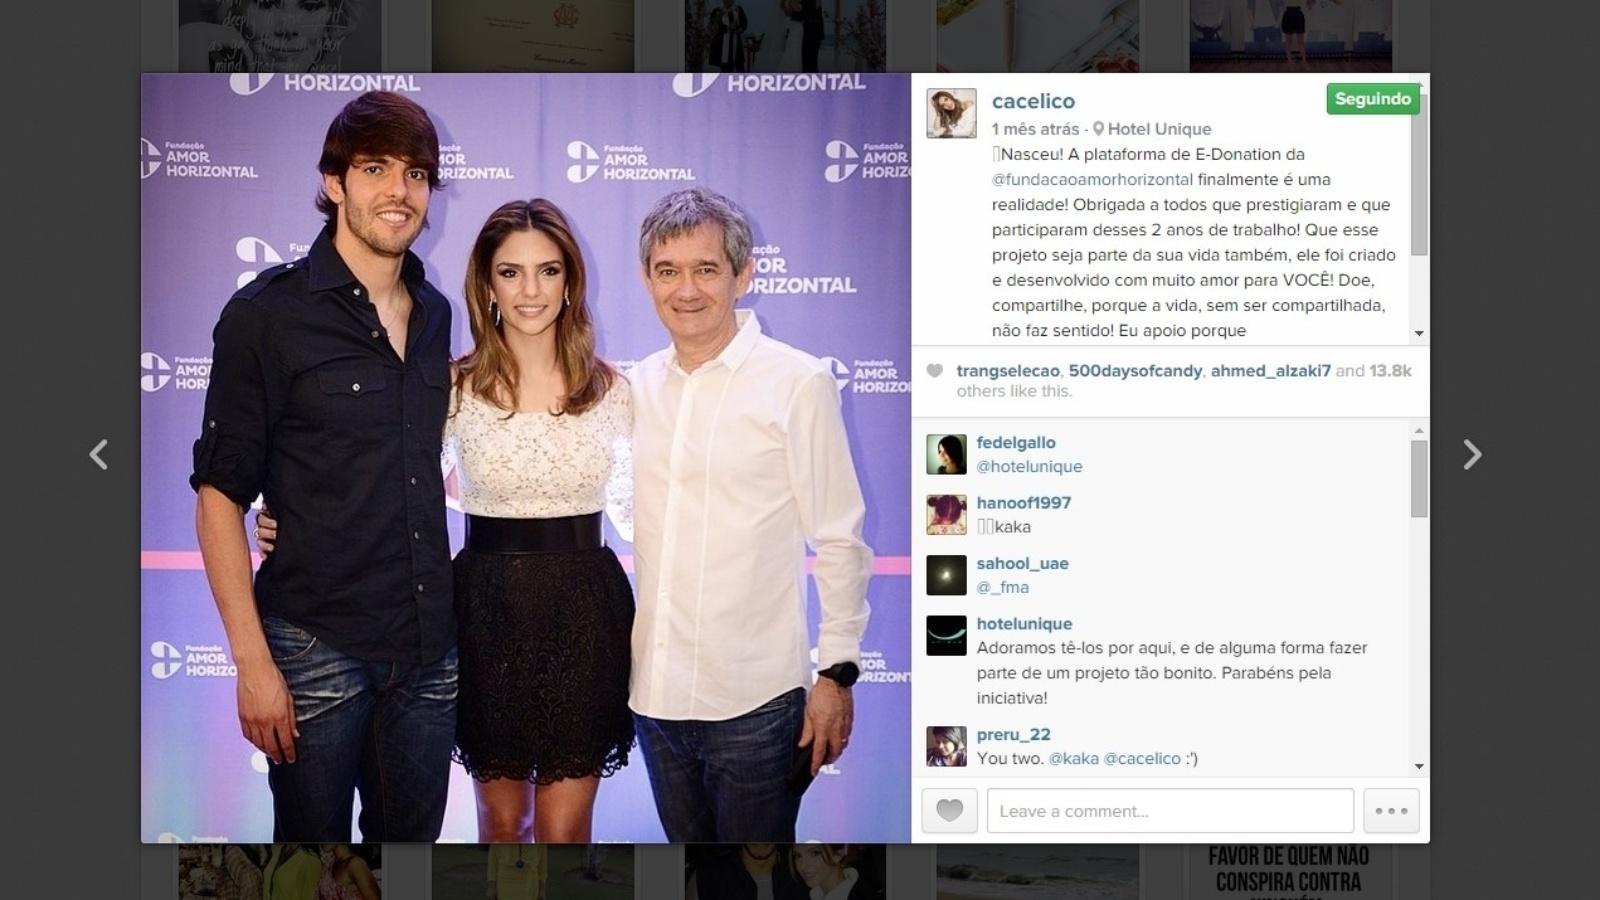 Kaká e Serginho Groisman vão ao lançamento do projeto social Amor Horizontal, presidido por Carol Celico. O marido e o amigo da It Girl são embaixadores do projeto